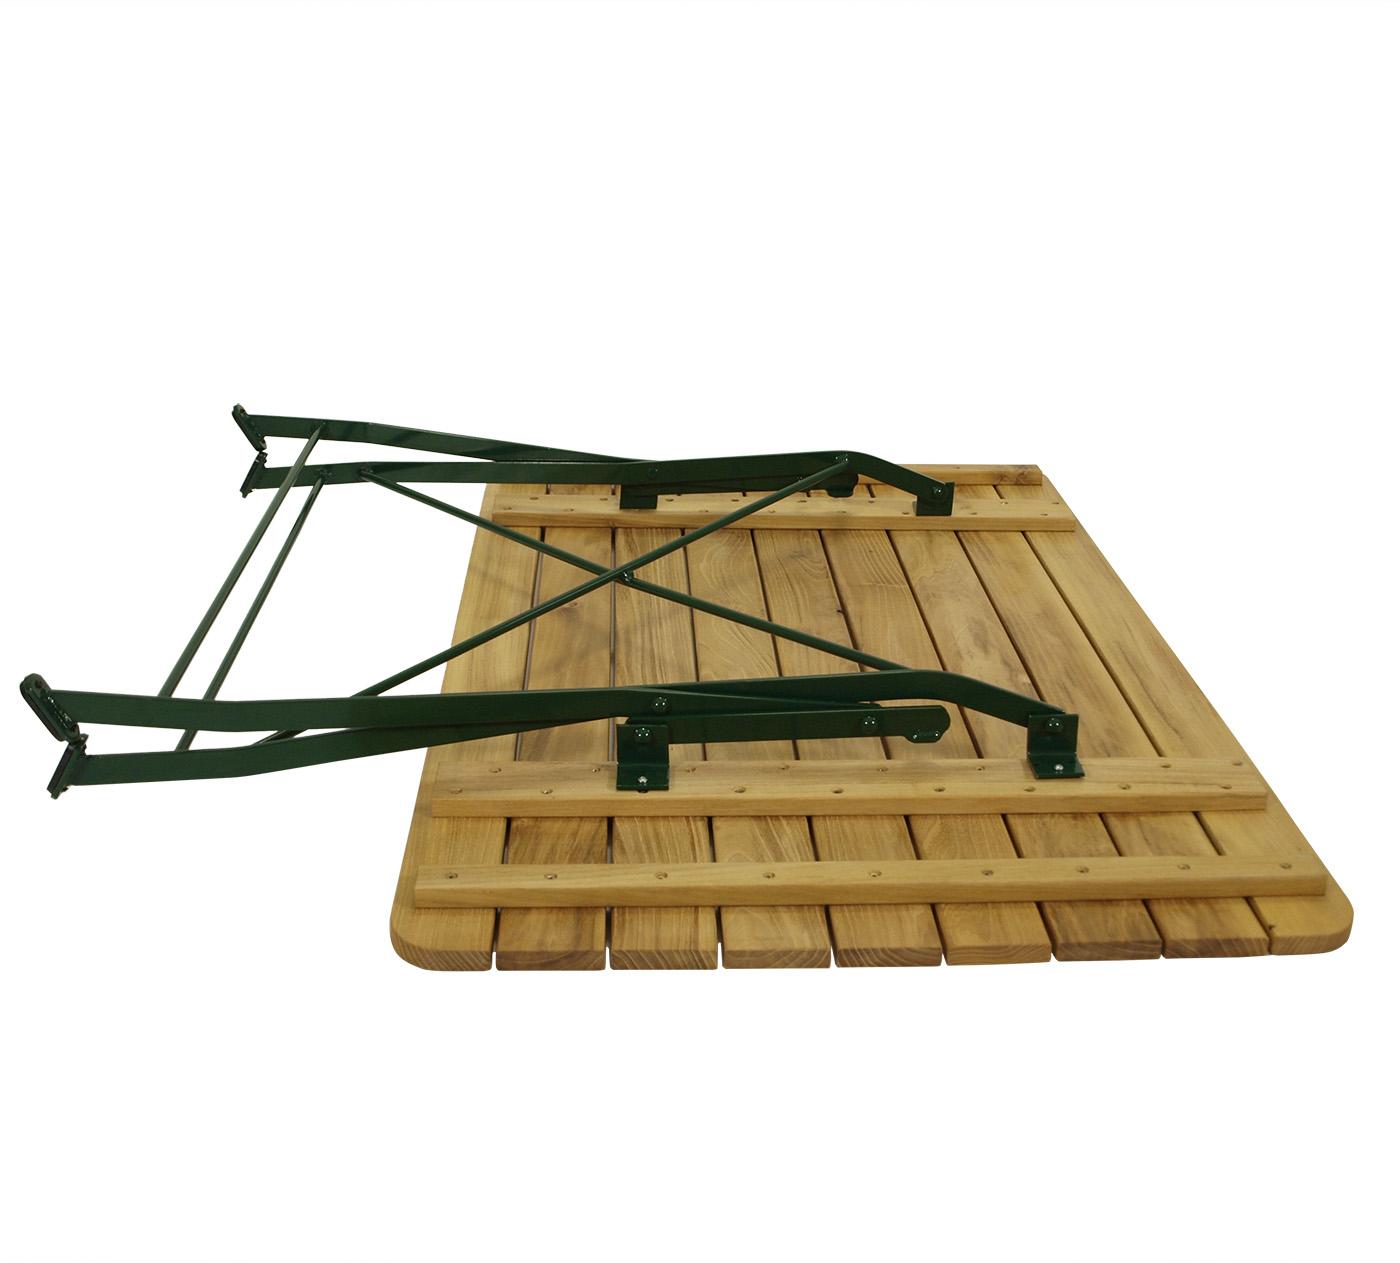 Klapptisch BAD TÖLZ 70x110cm rechteckig, Flachstahl grün + Robinie